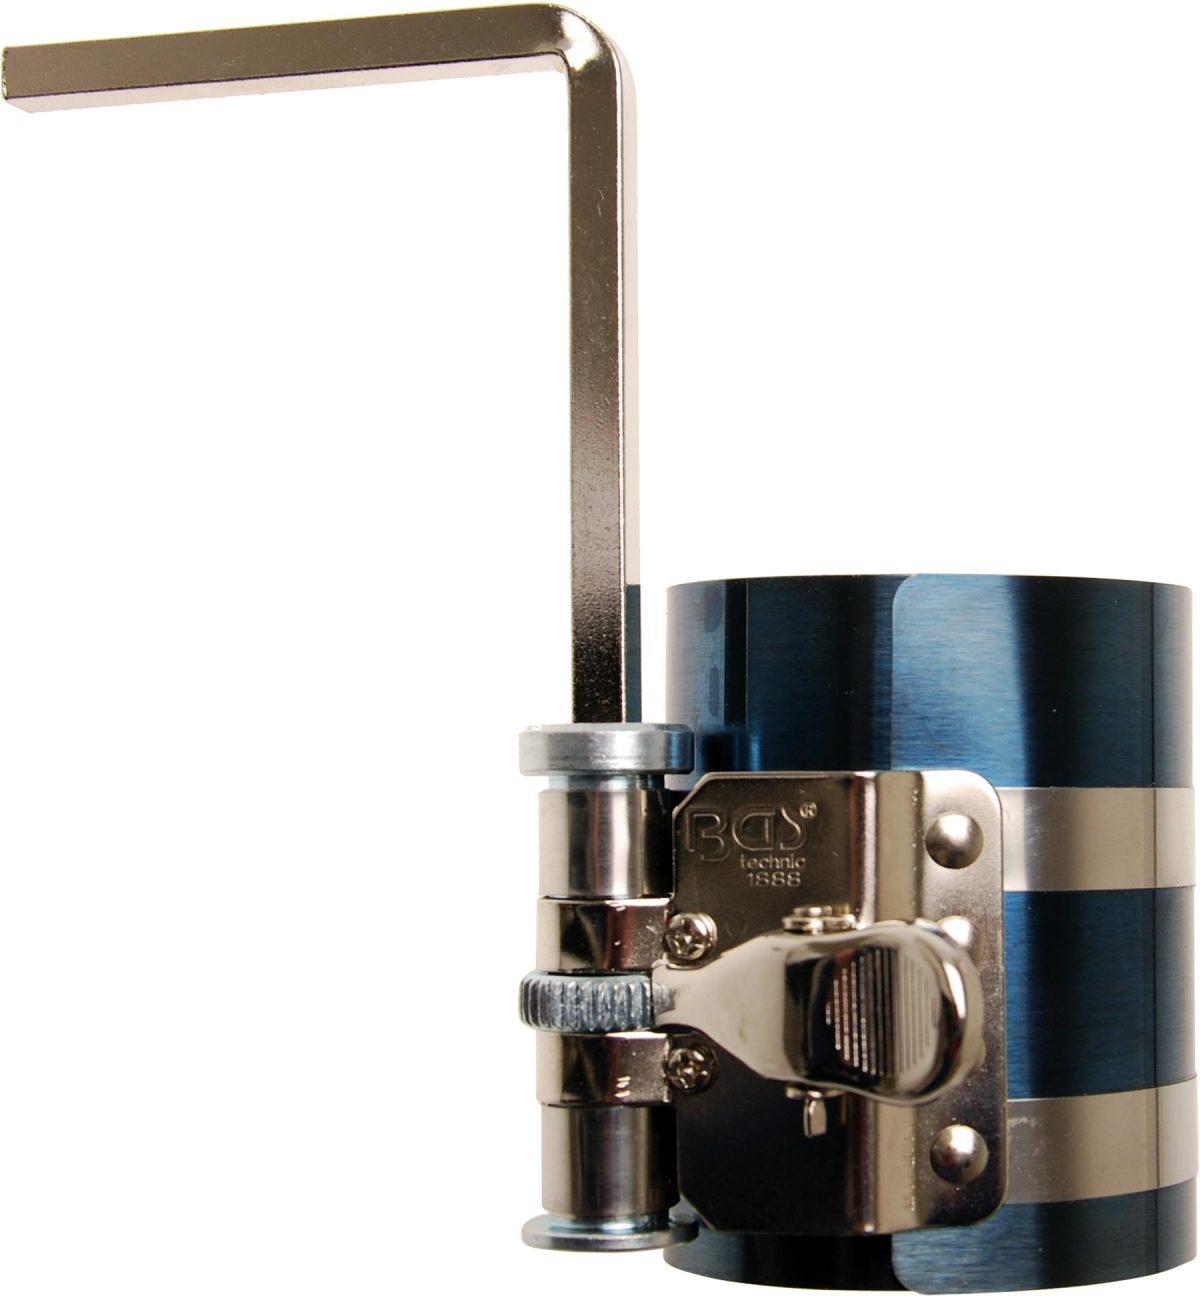 Piston Ring Compressor   57 - 125 mm (1888)